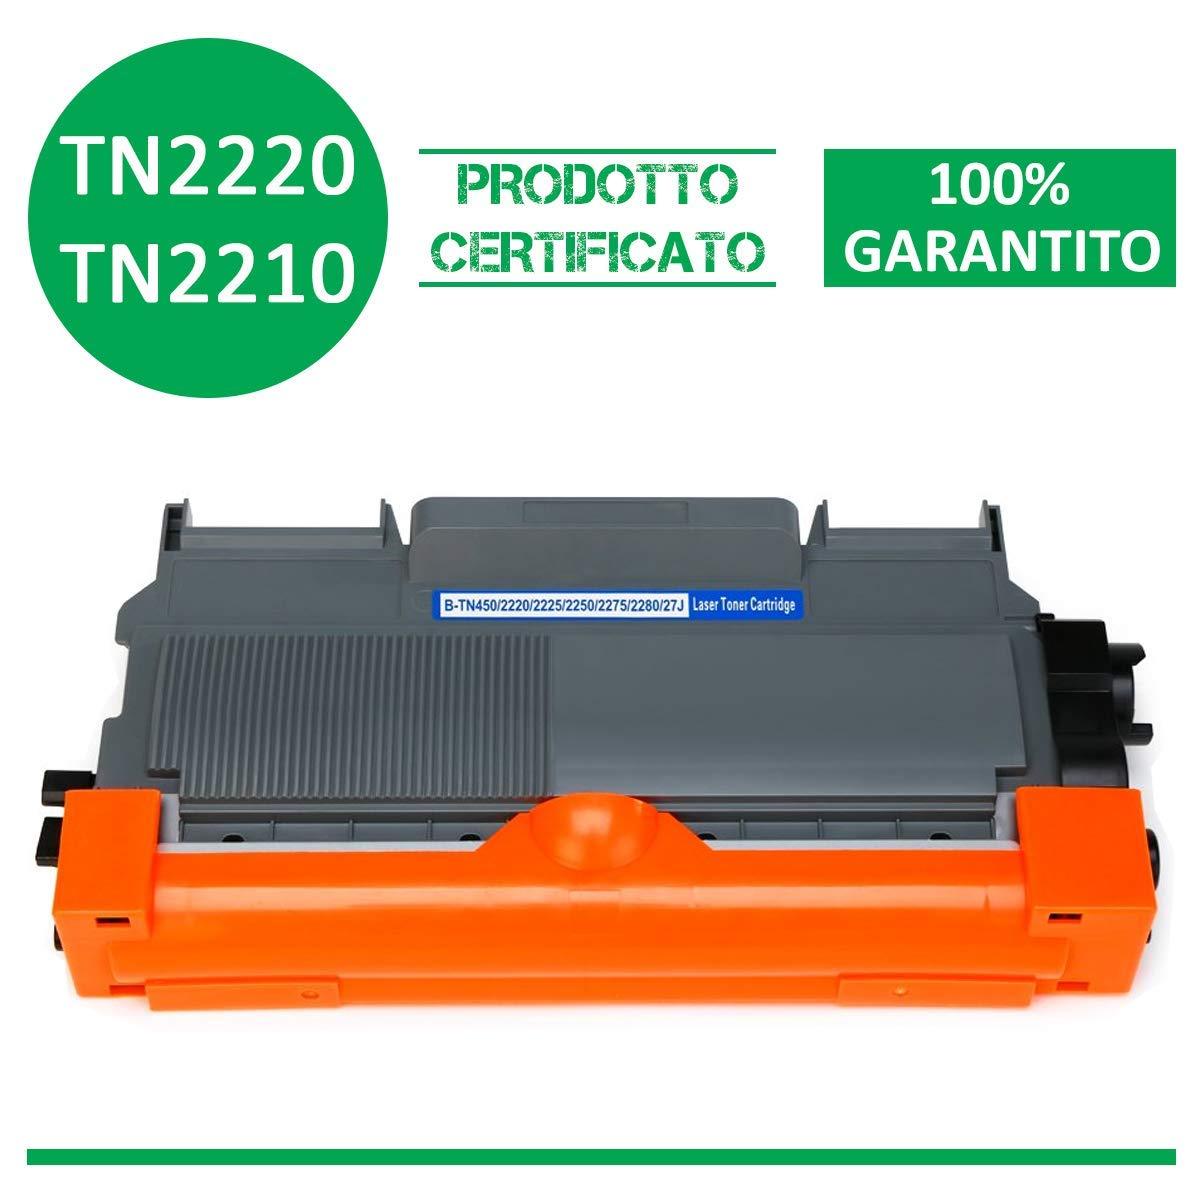 Toner 2220 2210 Compatible TN2220 TN2210 Cartucho para Brother HL ...